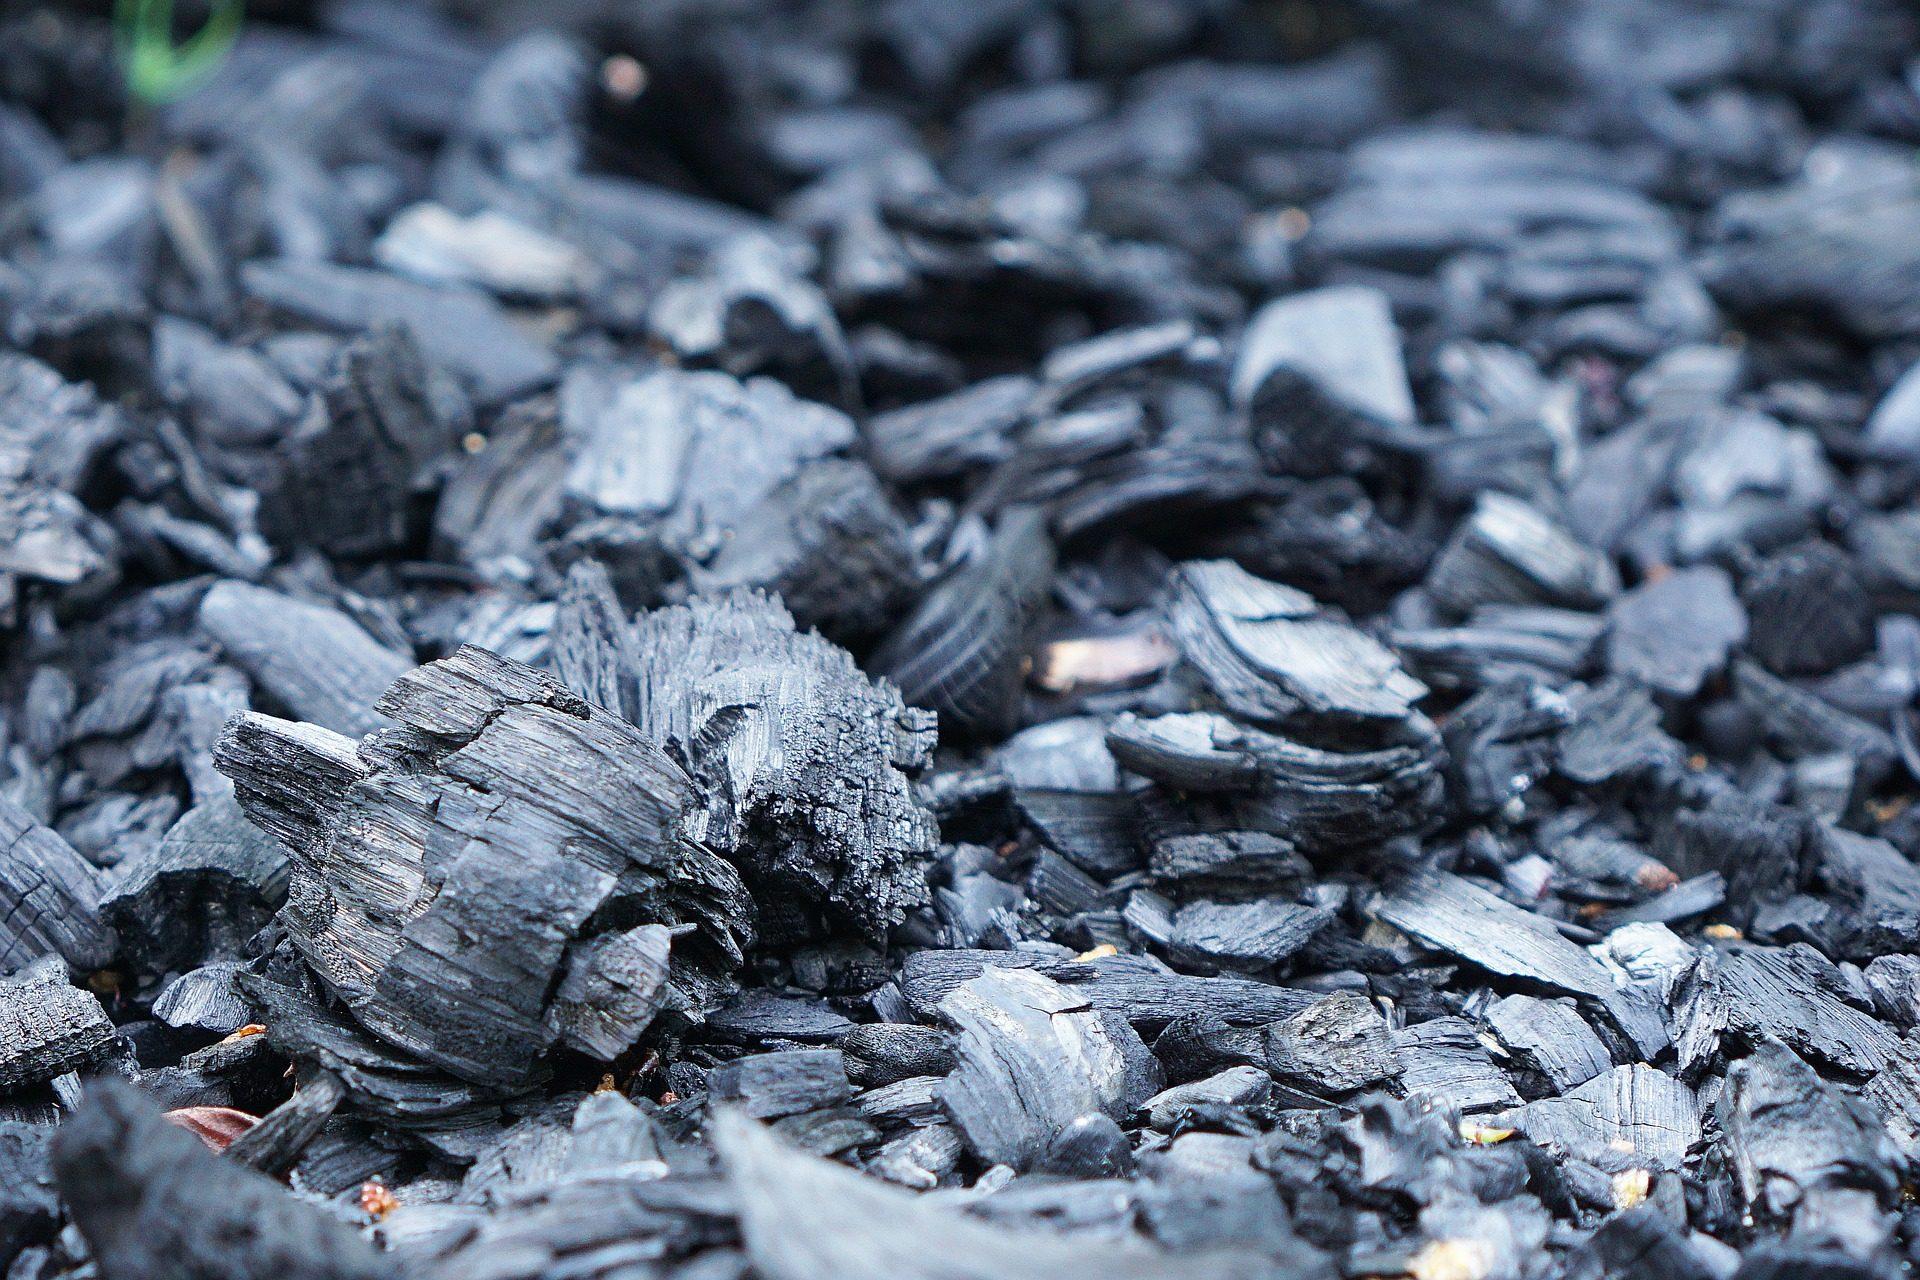 Mest Voor Tuin : Wat doe jij met verbrand hout uit de kachel? gebruik het in de tuin!